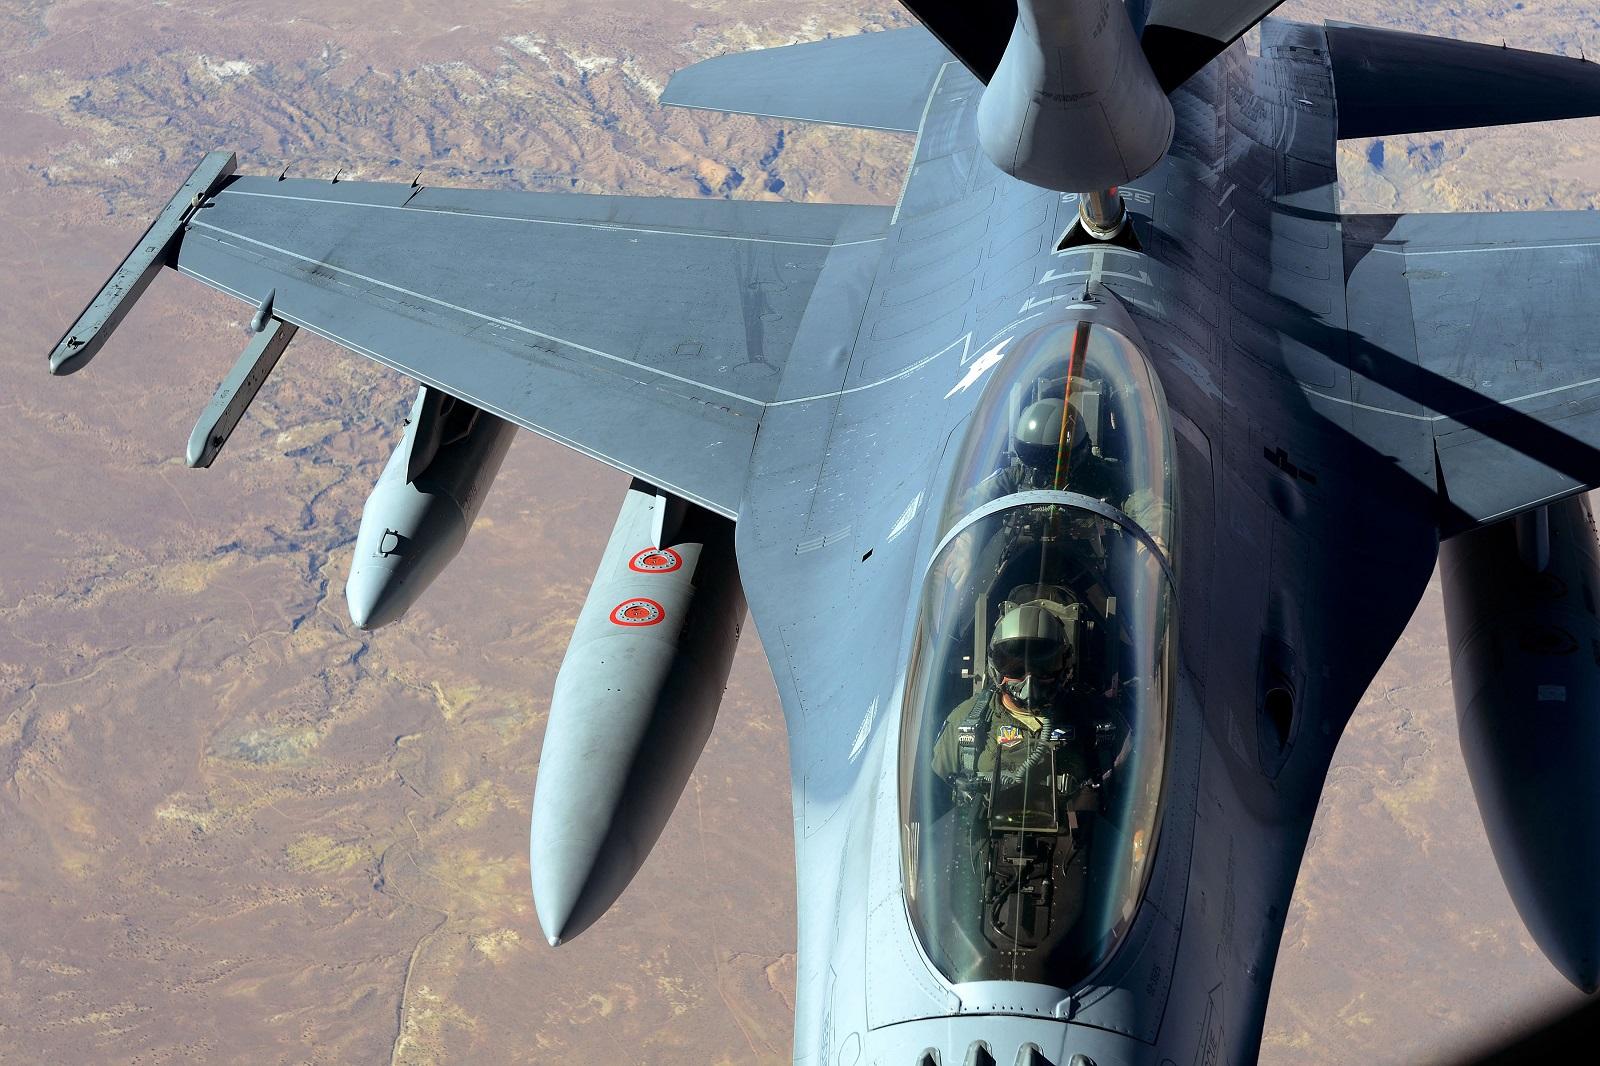 Taiwan Wants Billions of Dollars Worth of U.S. F-16 Fighters. It's a